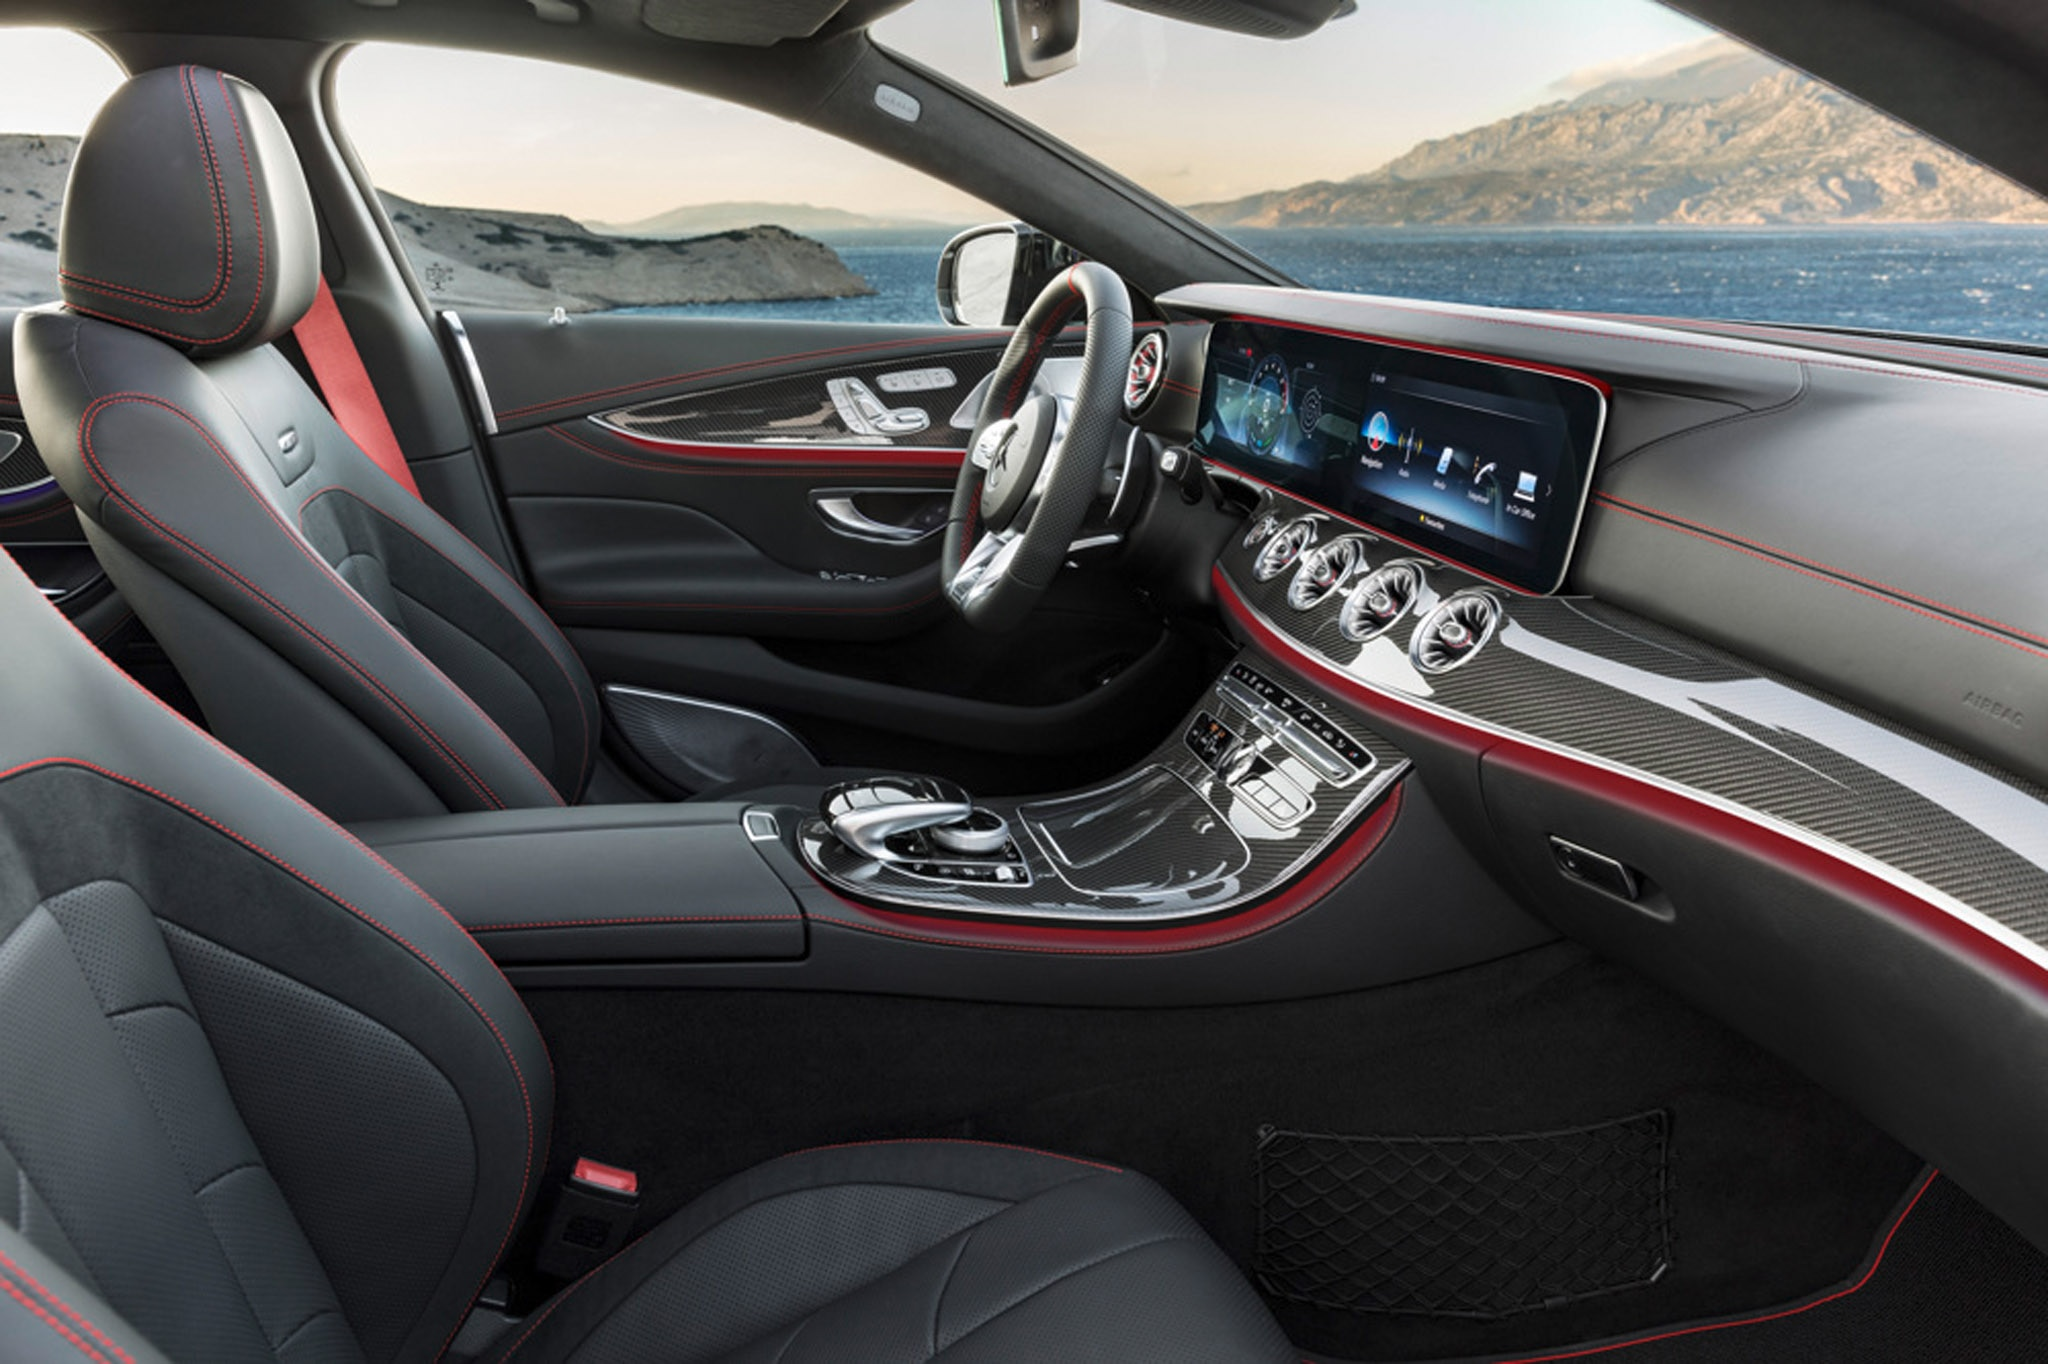 http://st.automobilemag.com/uploads/sites/11/2018/01/2019-Mercedes-AMG-CLS-53_020.jpg